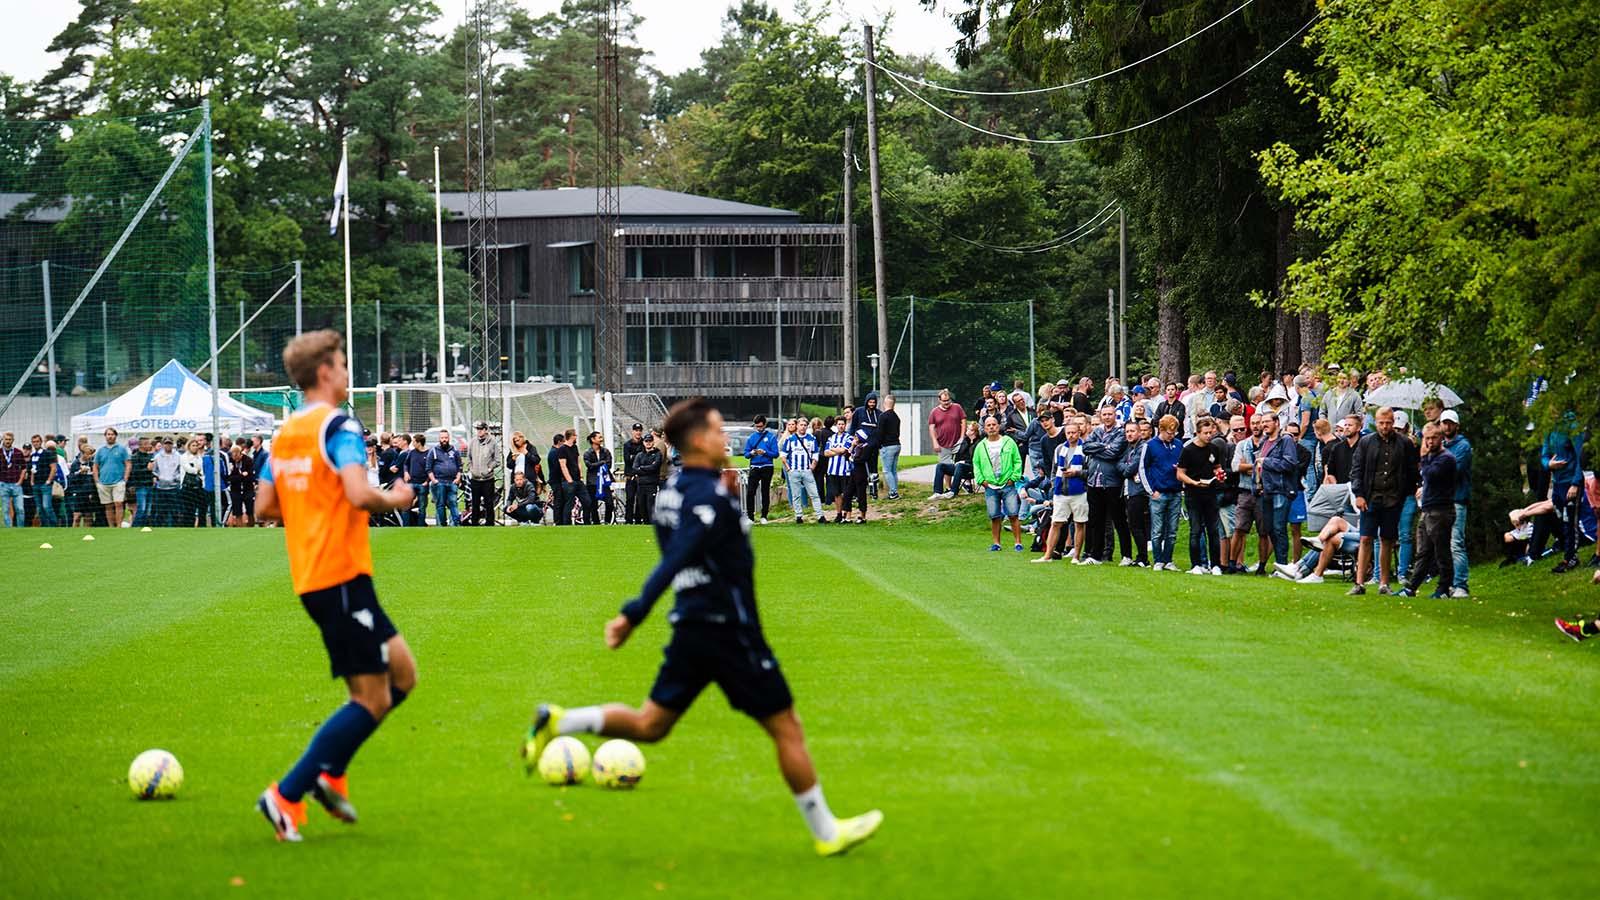 180819 Publik under en fotbollsträning med fotbollslaget i Allsvenskan IFK Göteborg den 19 augusti 2018 i Göteborg. Foto: MATHIAS BERGELD / BILDBYRÅN / Cop 200